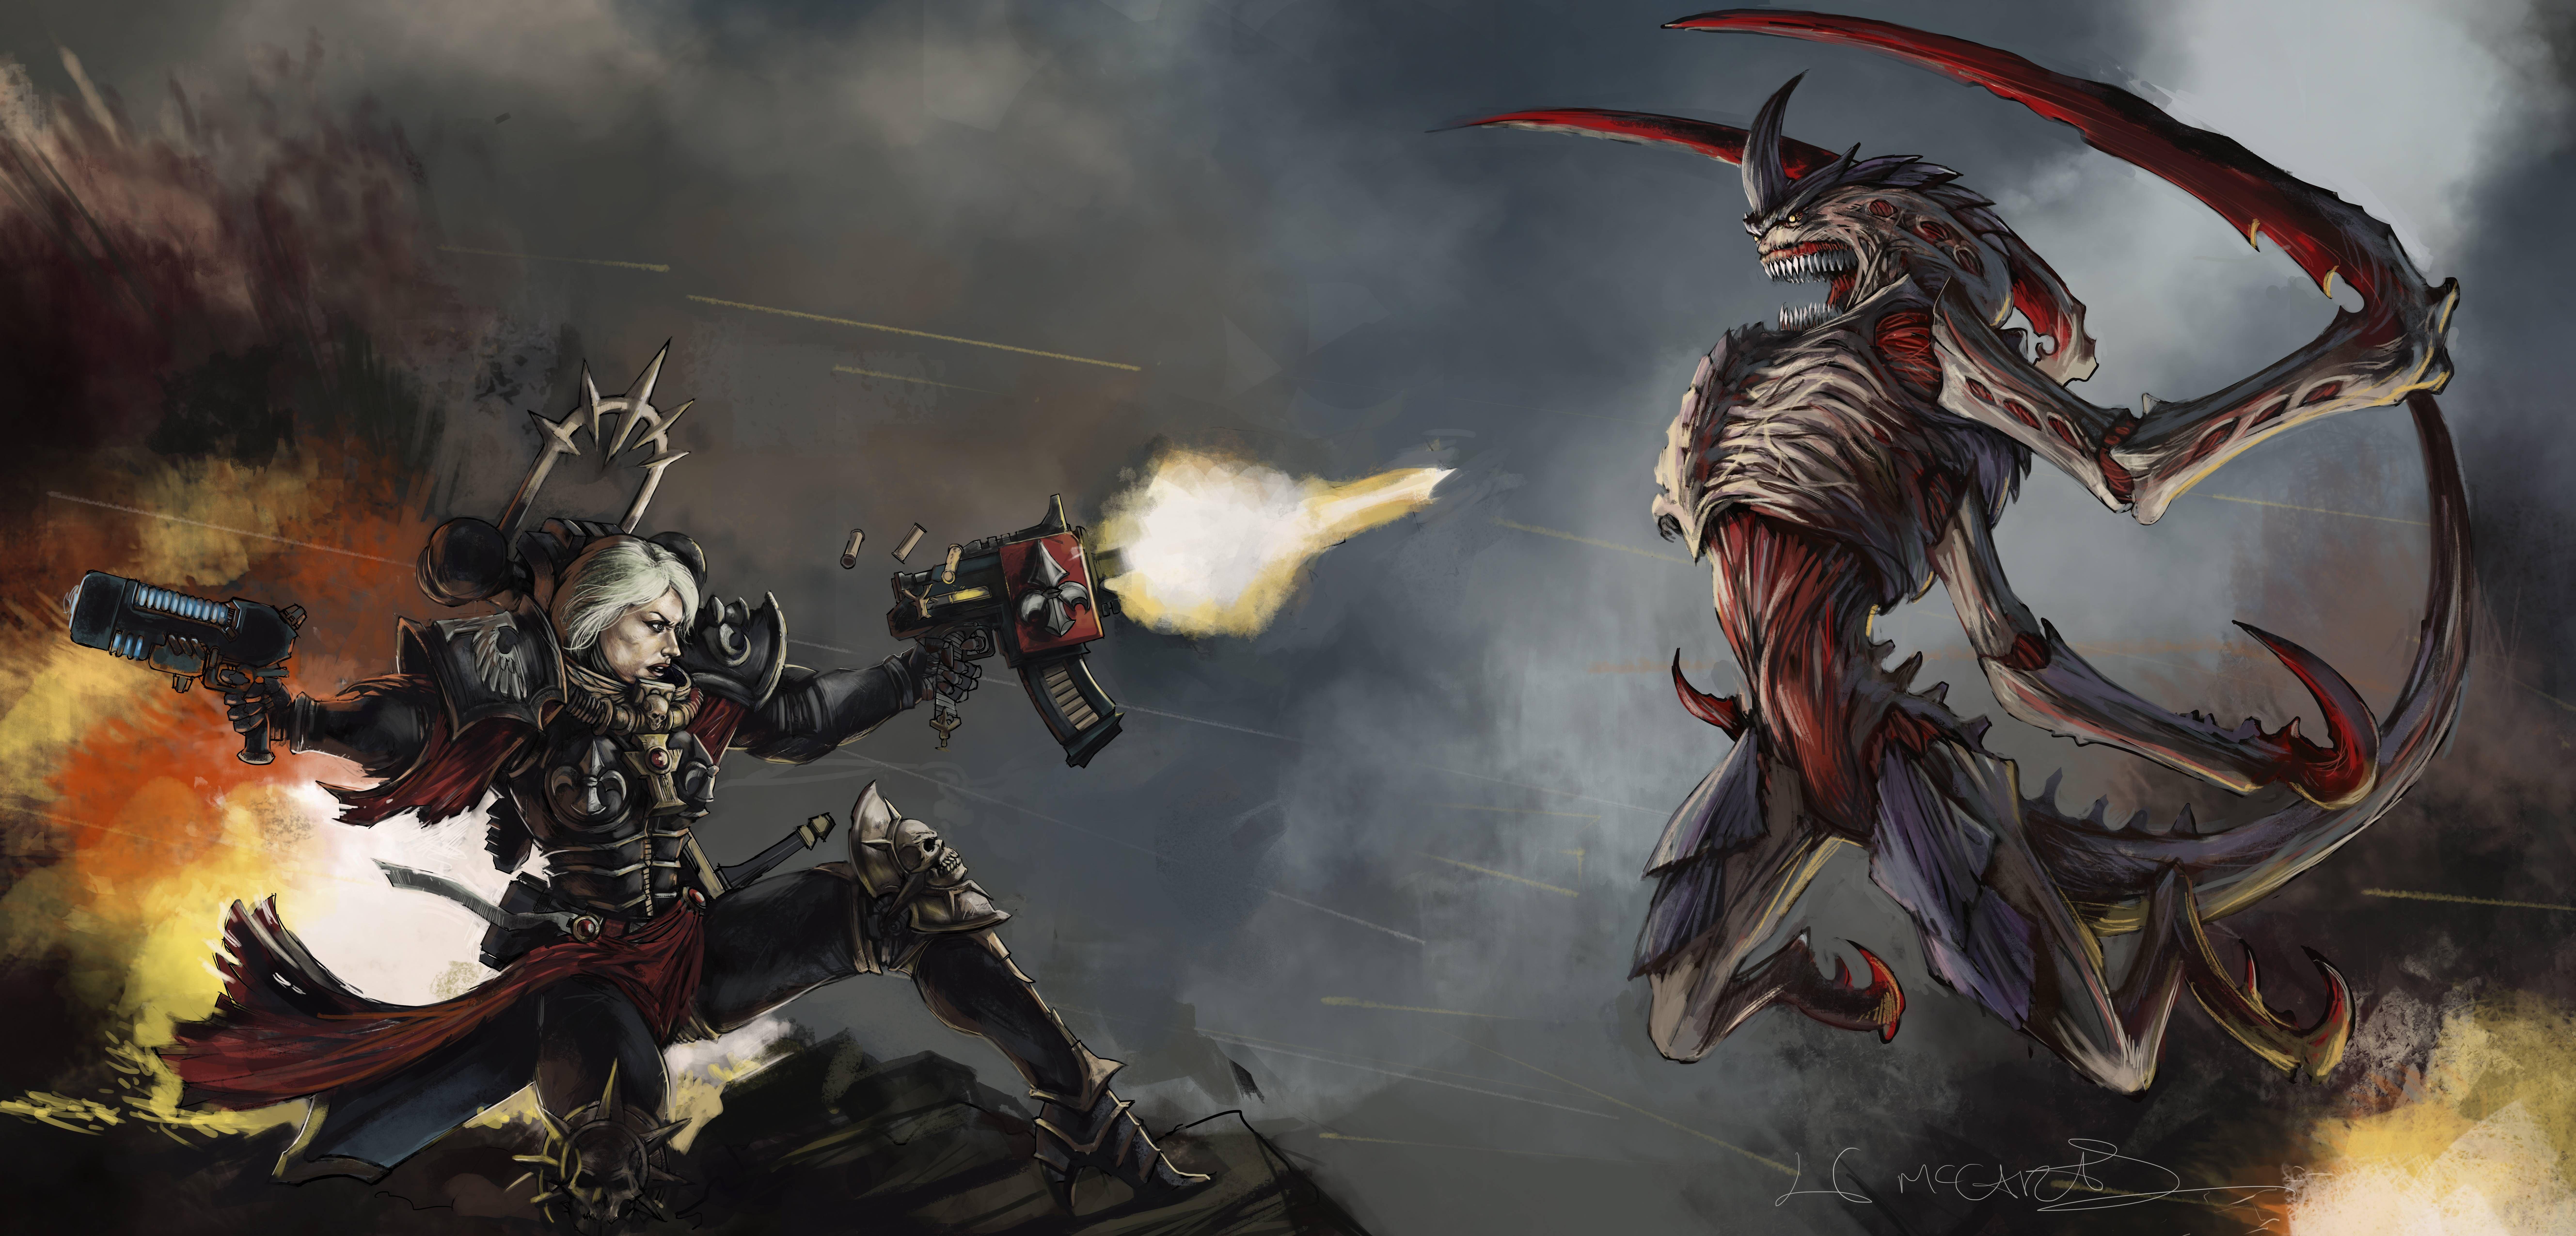 Warhammer 40k Wallpaper Dump Warhammer Tyranids Warhammer 40k